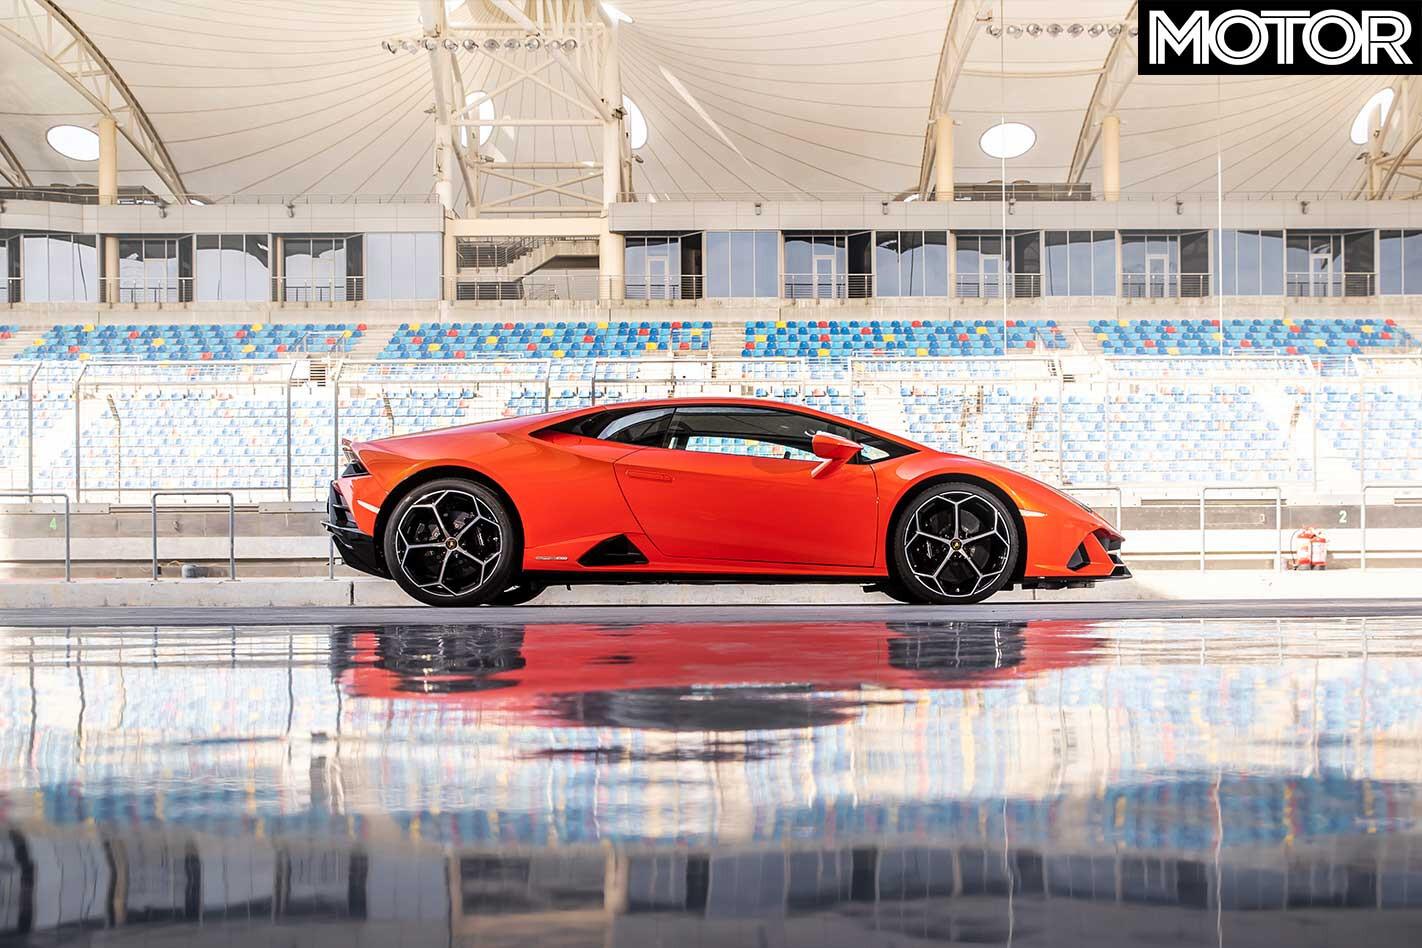 2019 Lamborghini Huracan Evo Side Profile Jpg